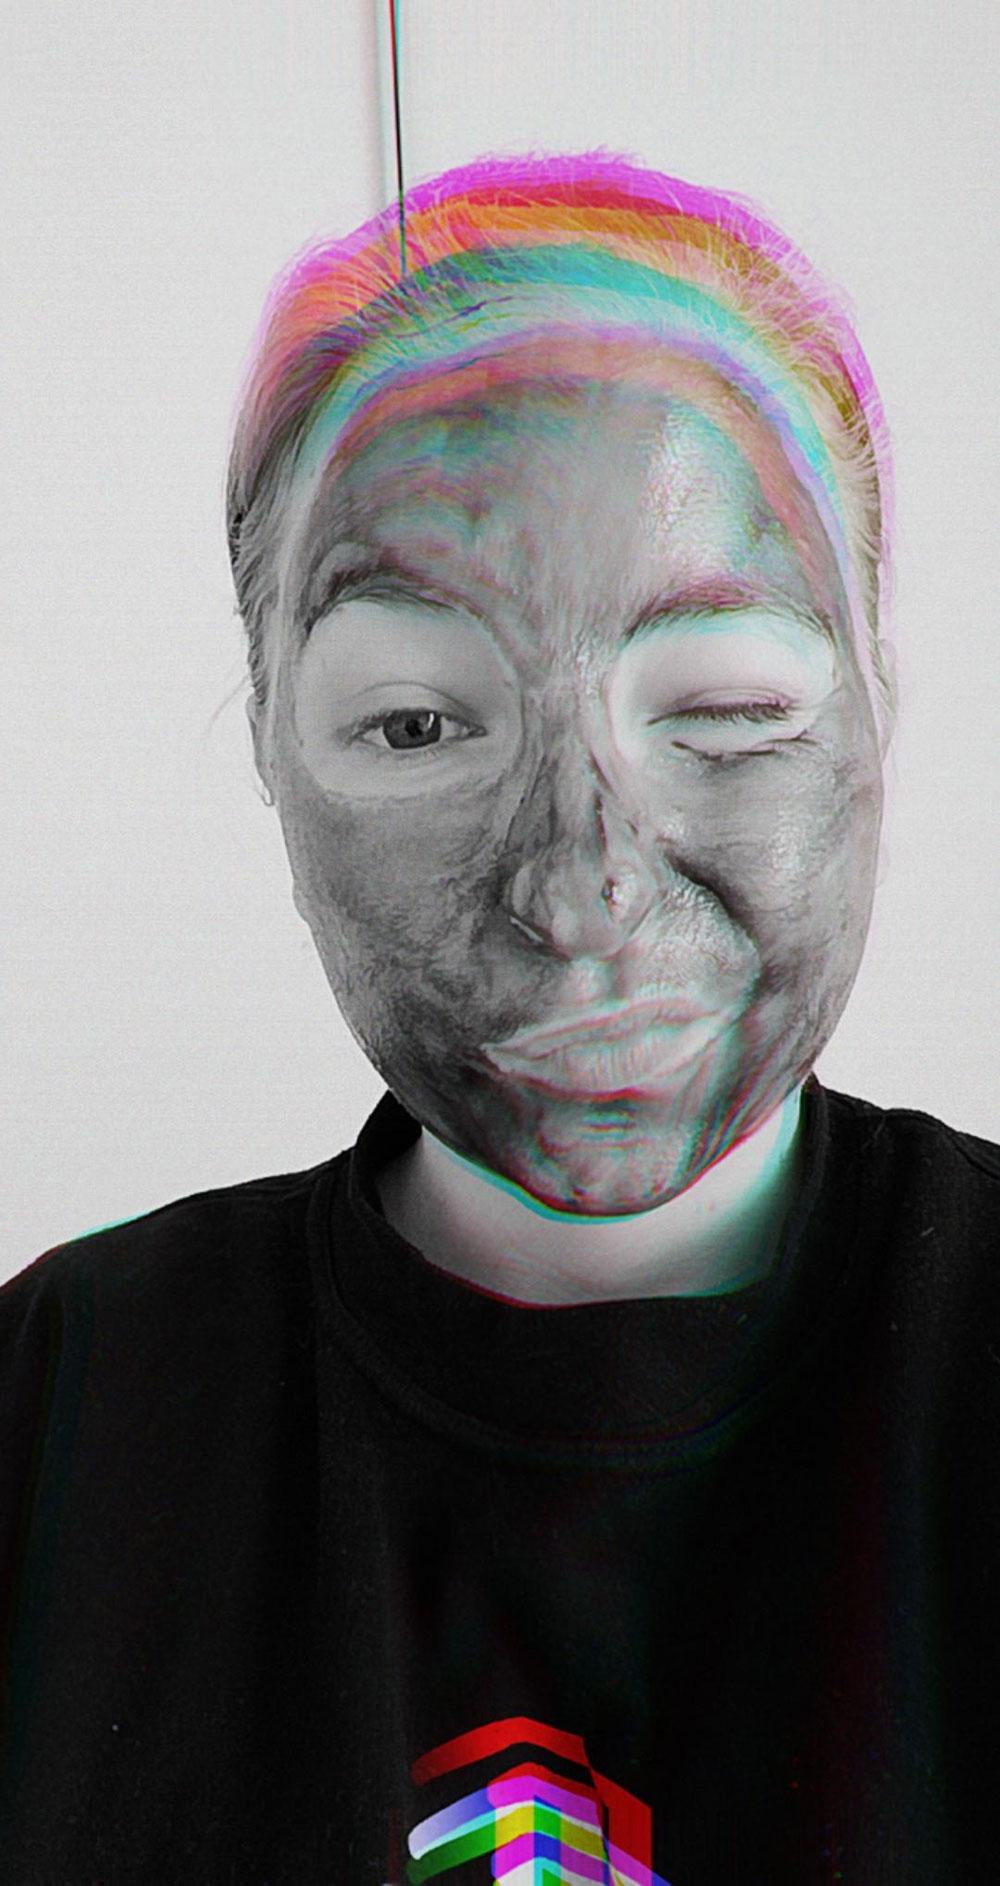 Gastbloggerin Sandra Gimmel testet neue Gesichtsmasken aus dem Naturkosmetik-Sektor - und verrät die besten Beauty-Therapien für gestresste Studierende!